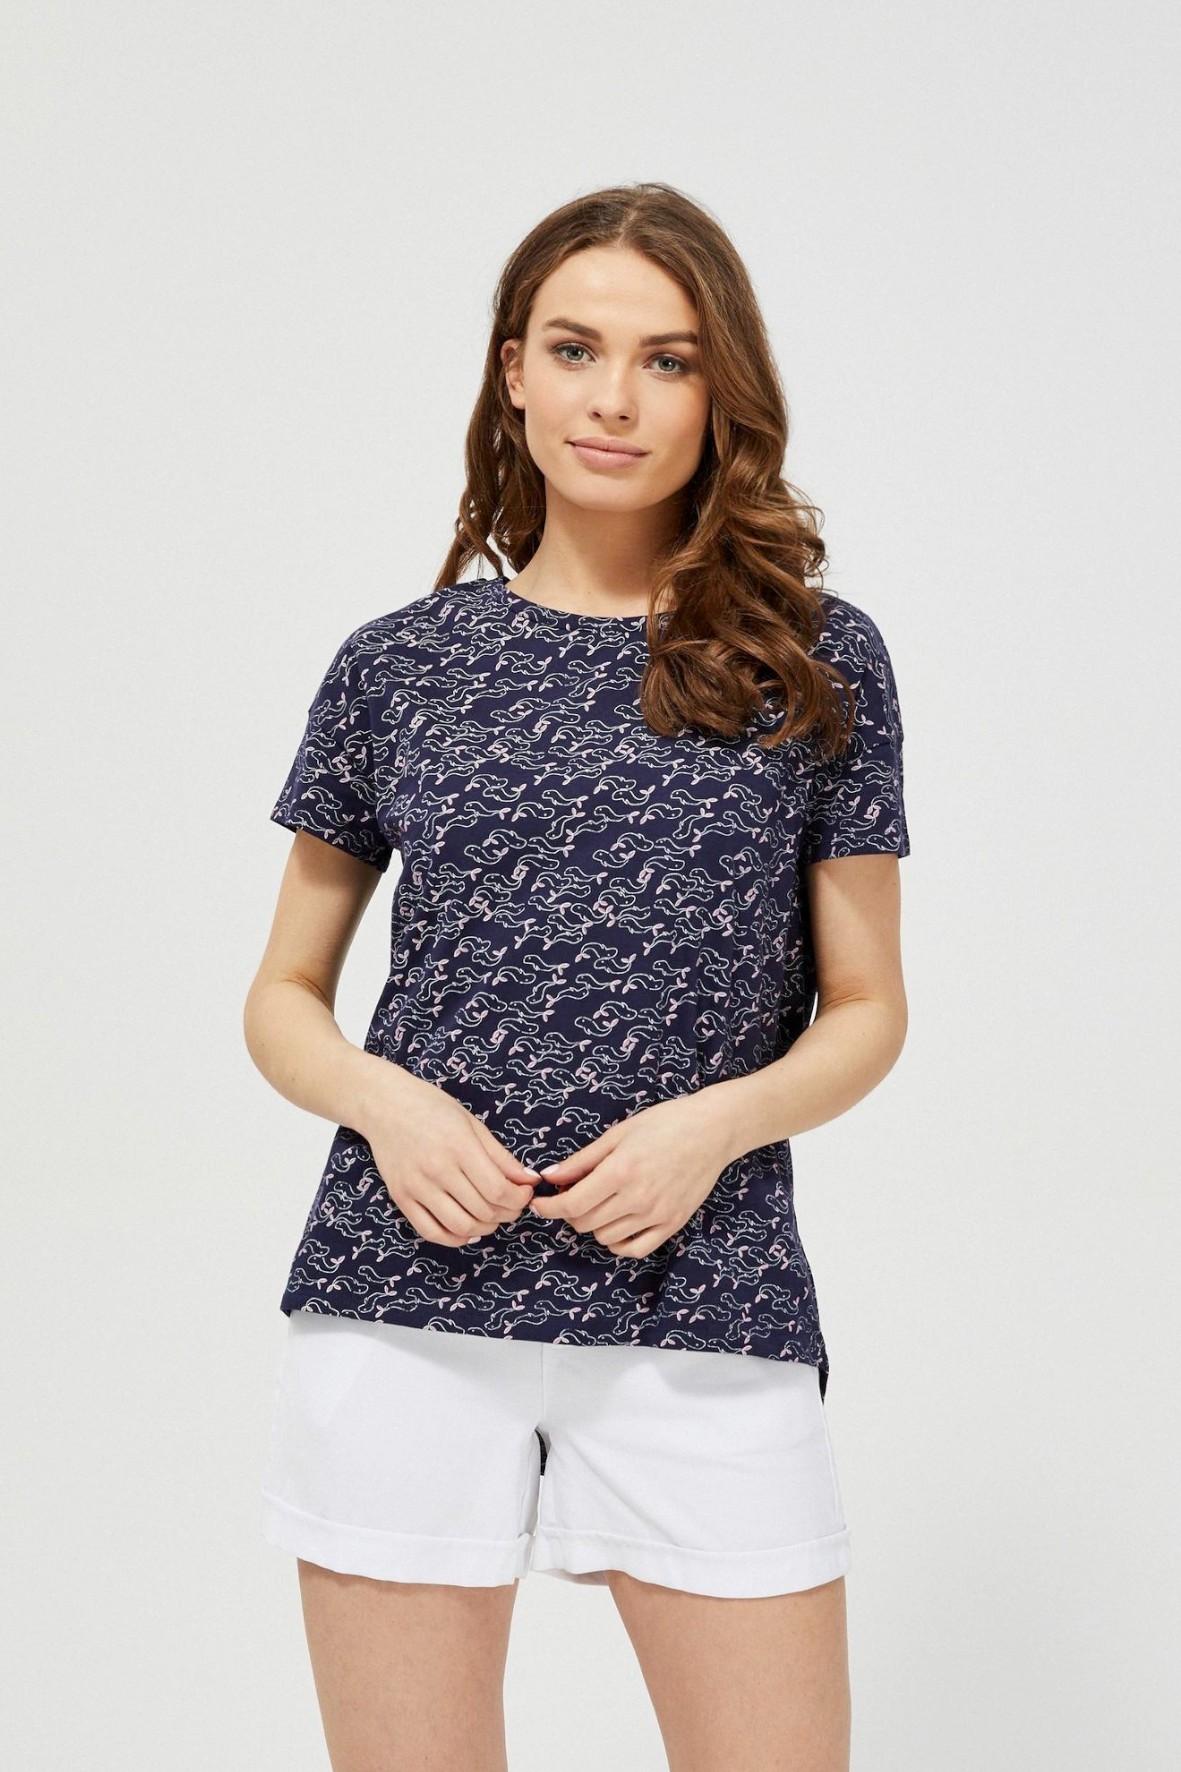 Bawełniany granatowy T-shirt damski na krótki rękaw we wzorki